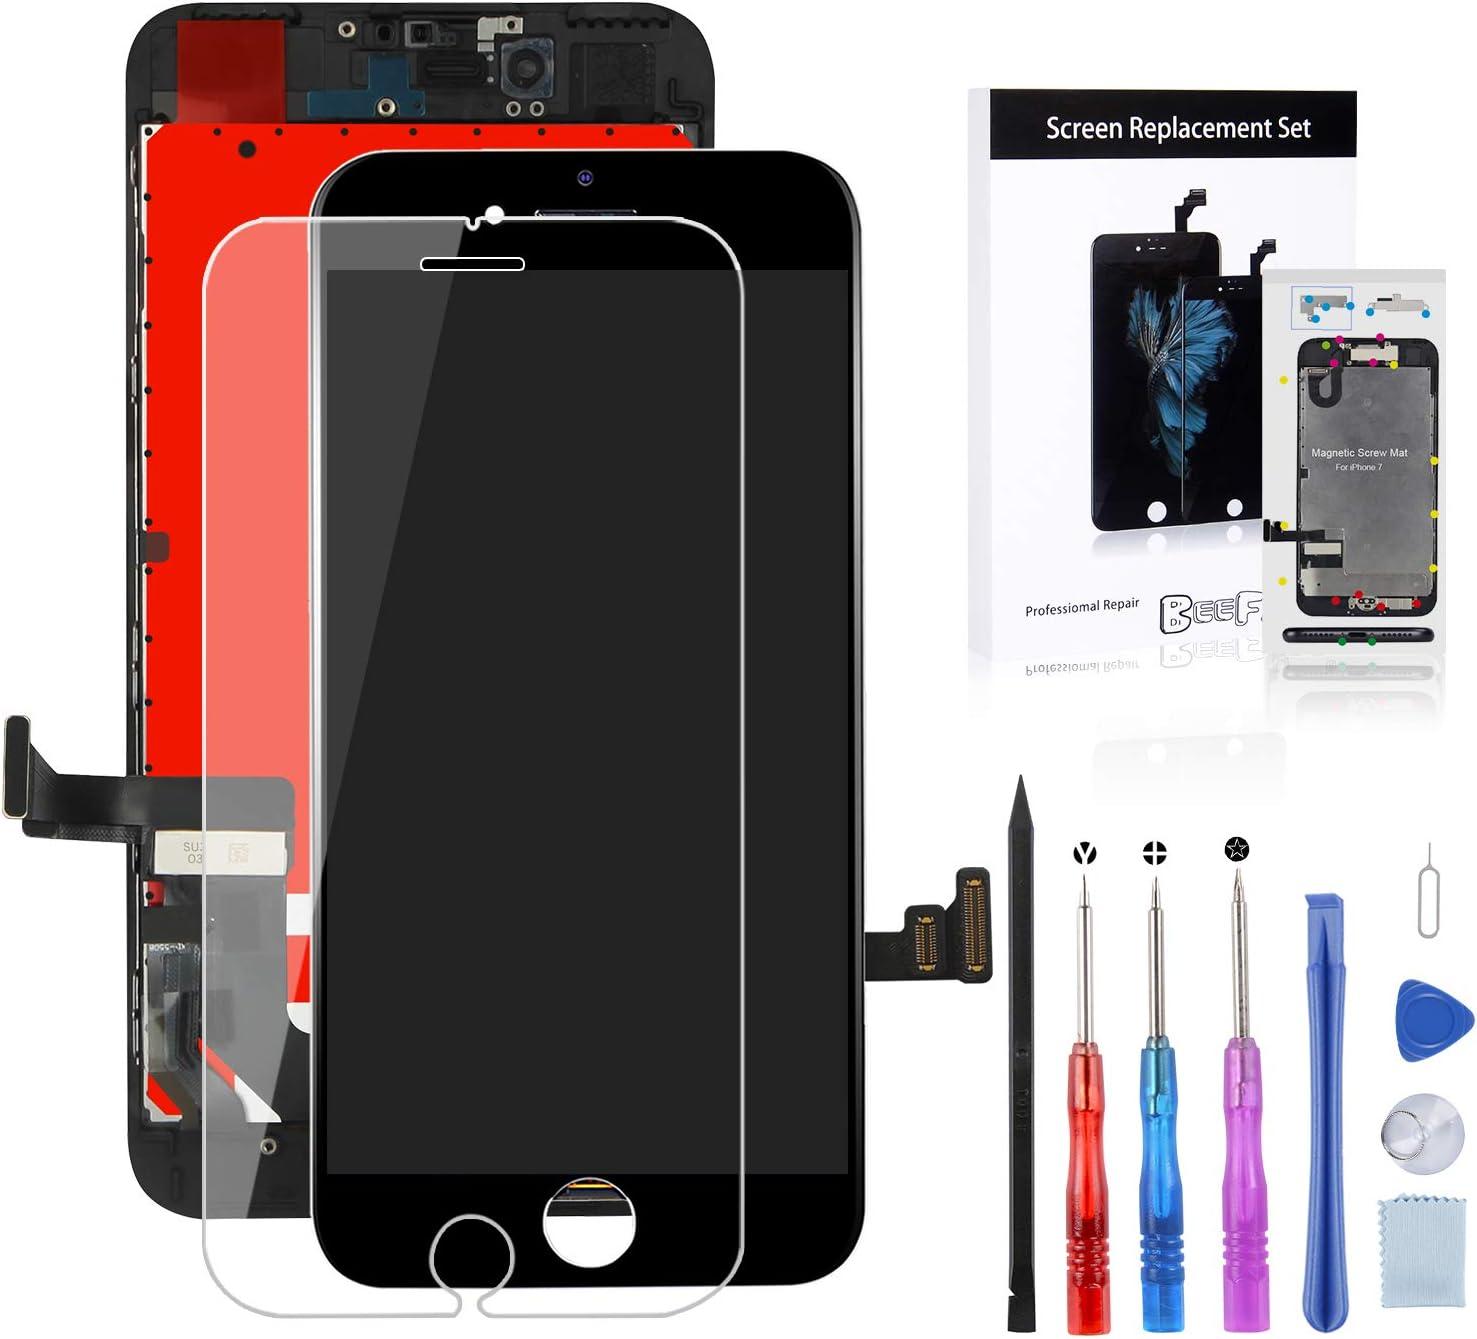 GLOBALGOLDEN Ecran de Remplacement pour iPhone 6 Plus Blanc LCD Display Ecran Tactile Digitizer 5.5 Pouces Cadre Ensemble avec Outils de R/éparation